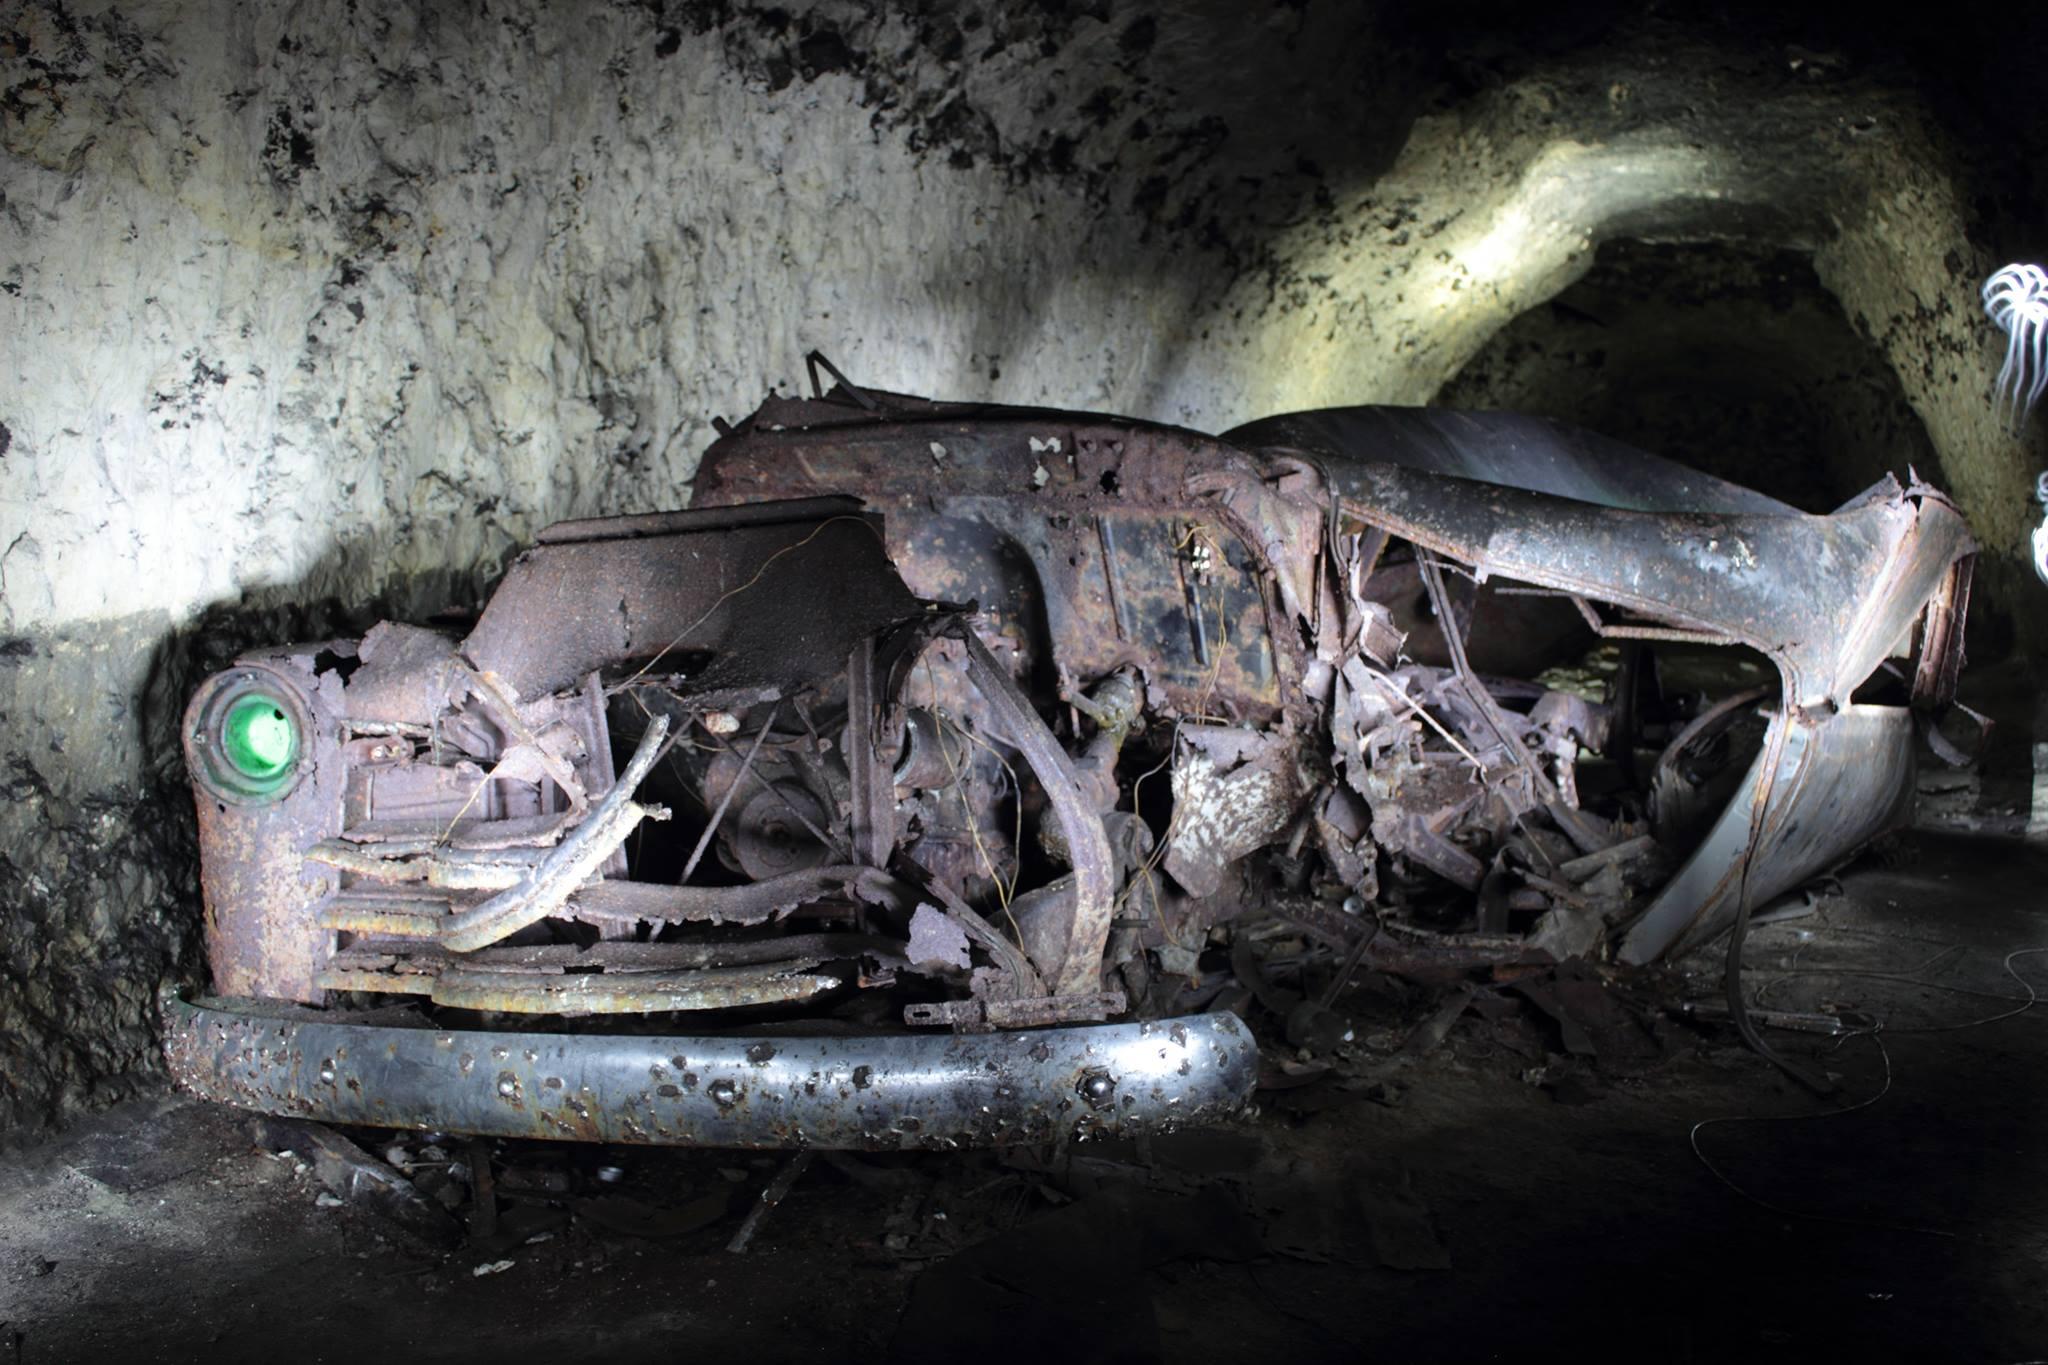 Dodge-gevonden-door-Hub-Schols-in-kanaaltunnel-bij-Ternaayen--1-7-2018